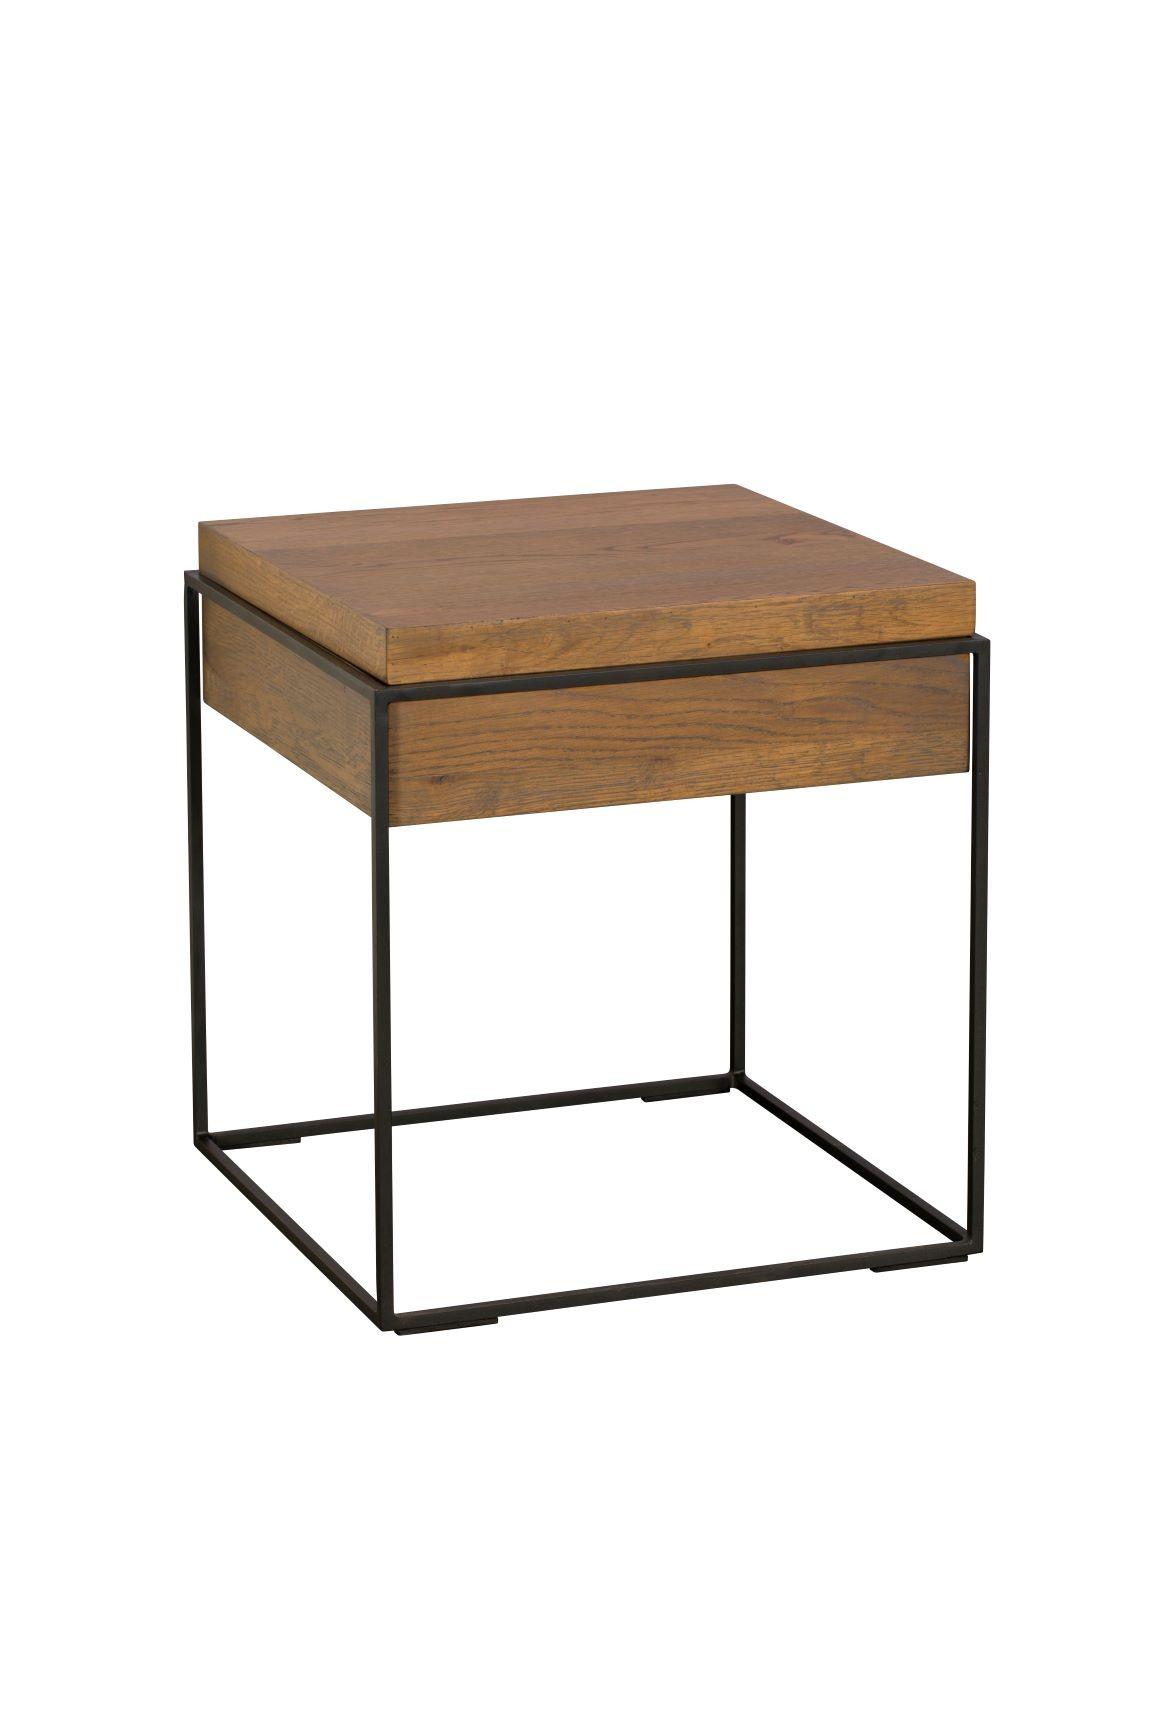 CARTER LAMP TABLE - L47cm x D47cm x H51cm